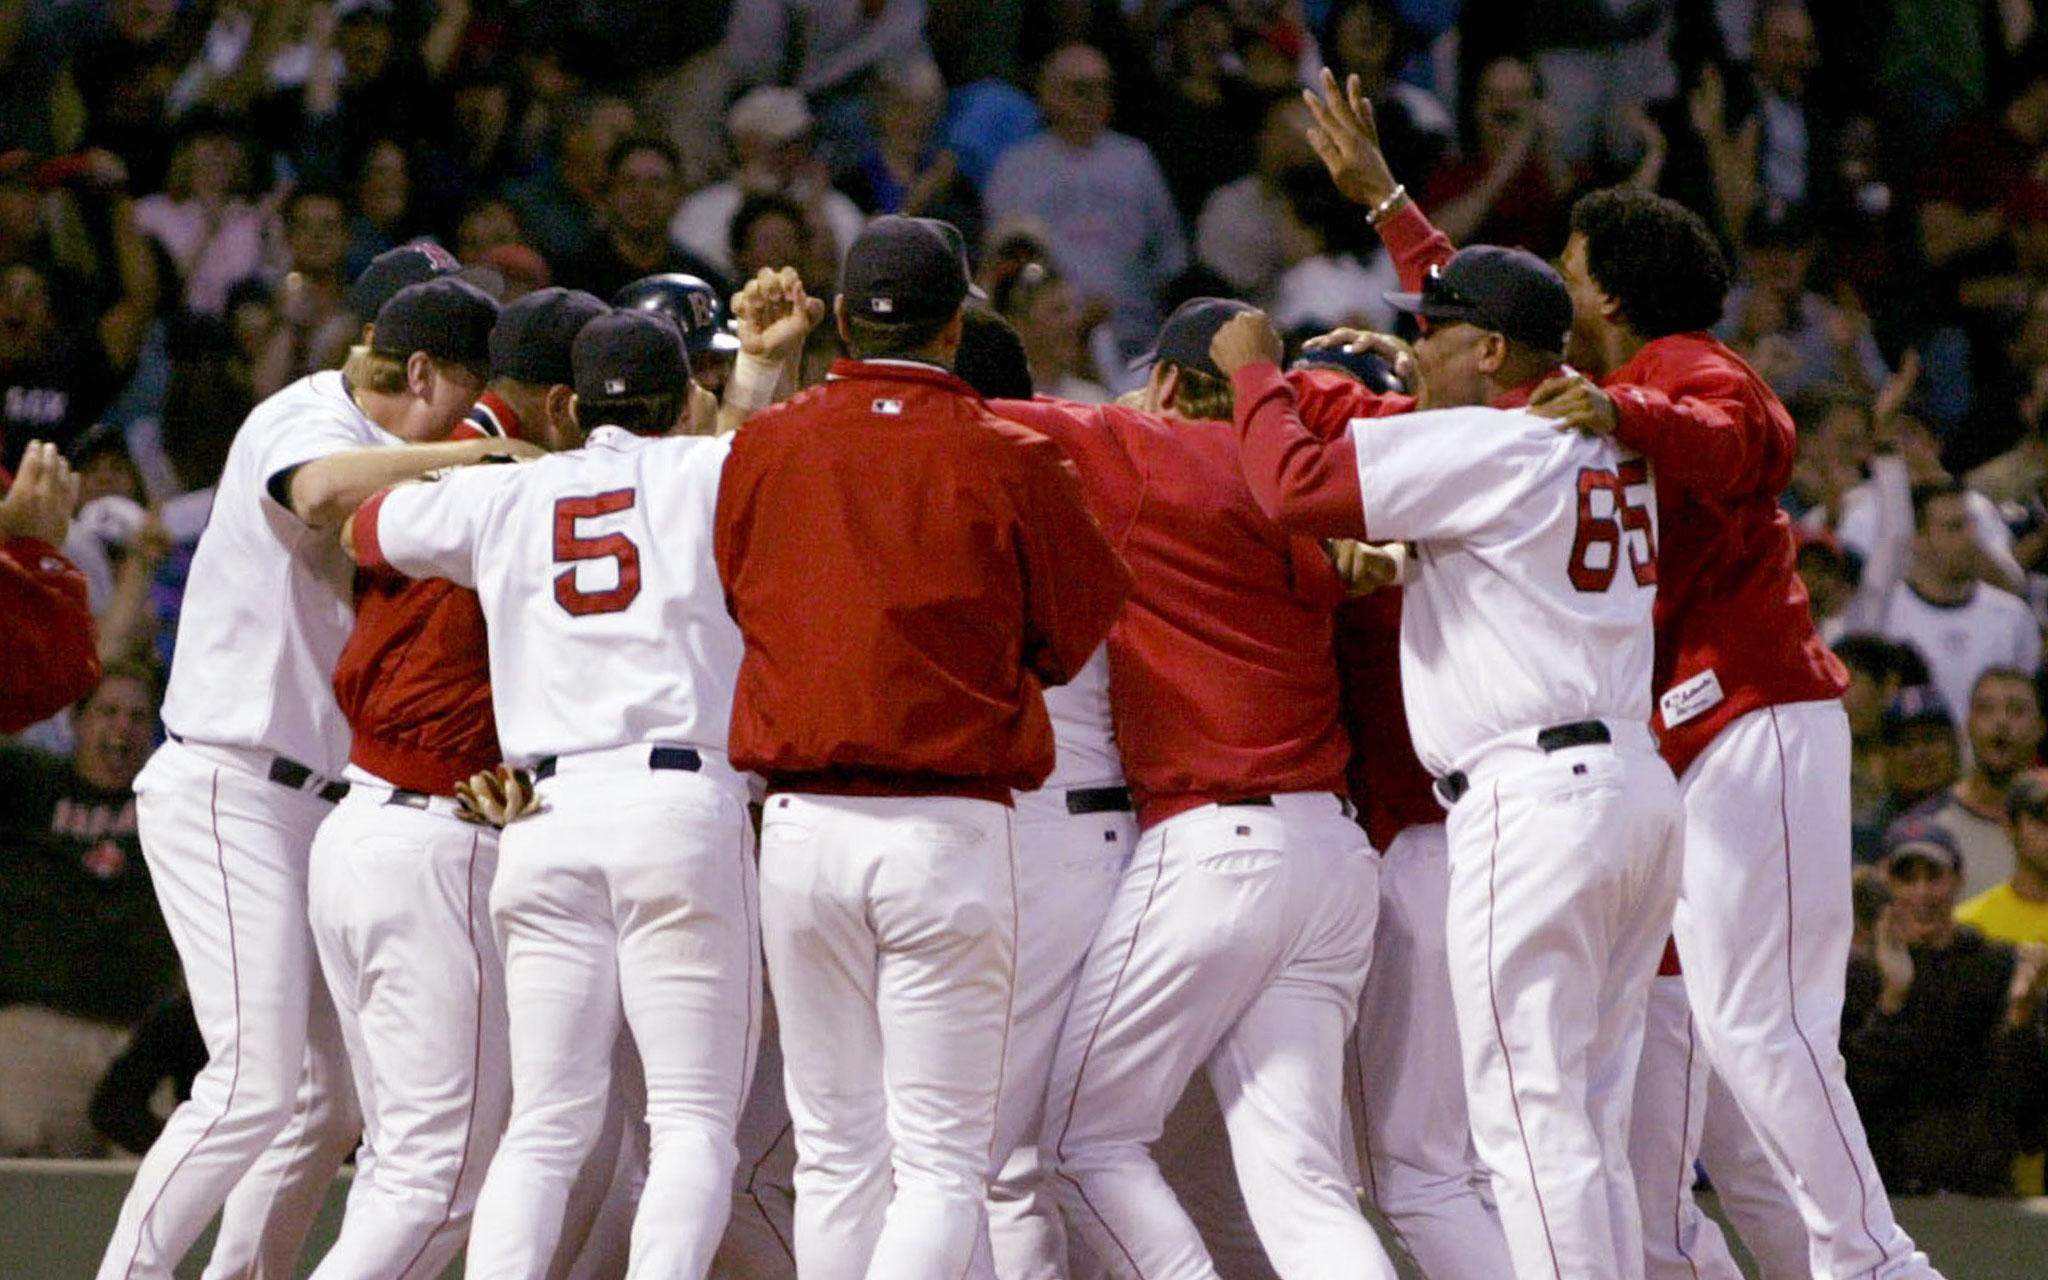 Sox Celebrate